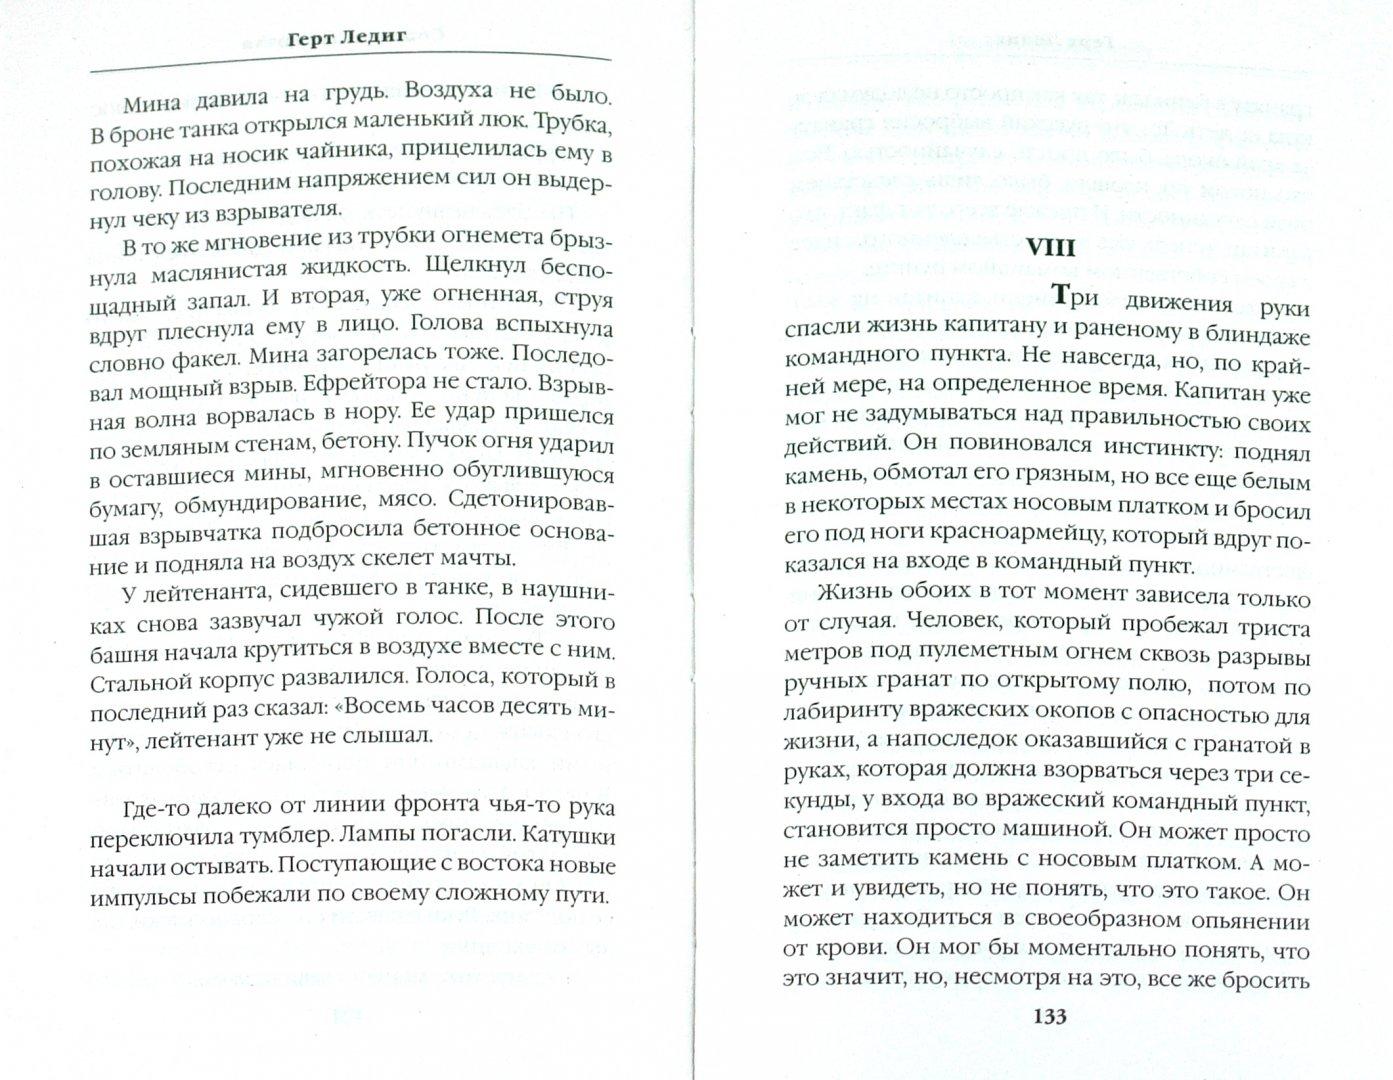 Иллюстрация 1 из 12 для Сожженные дотла. Смерть приходит с небес - Герт Ледиг   Лабиринт - книги. Источник: Лабиринт